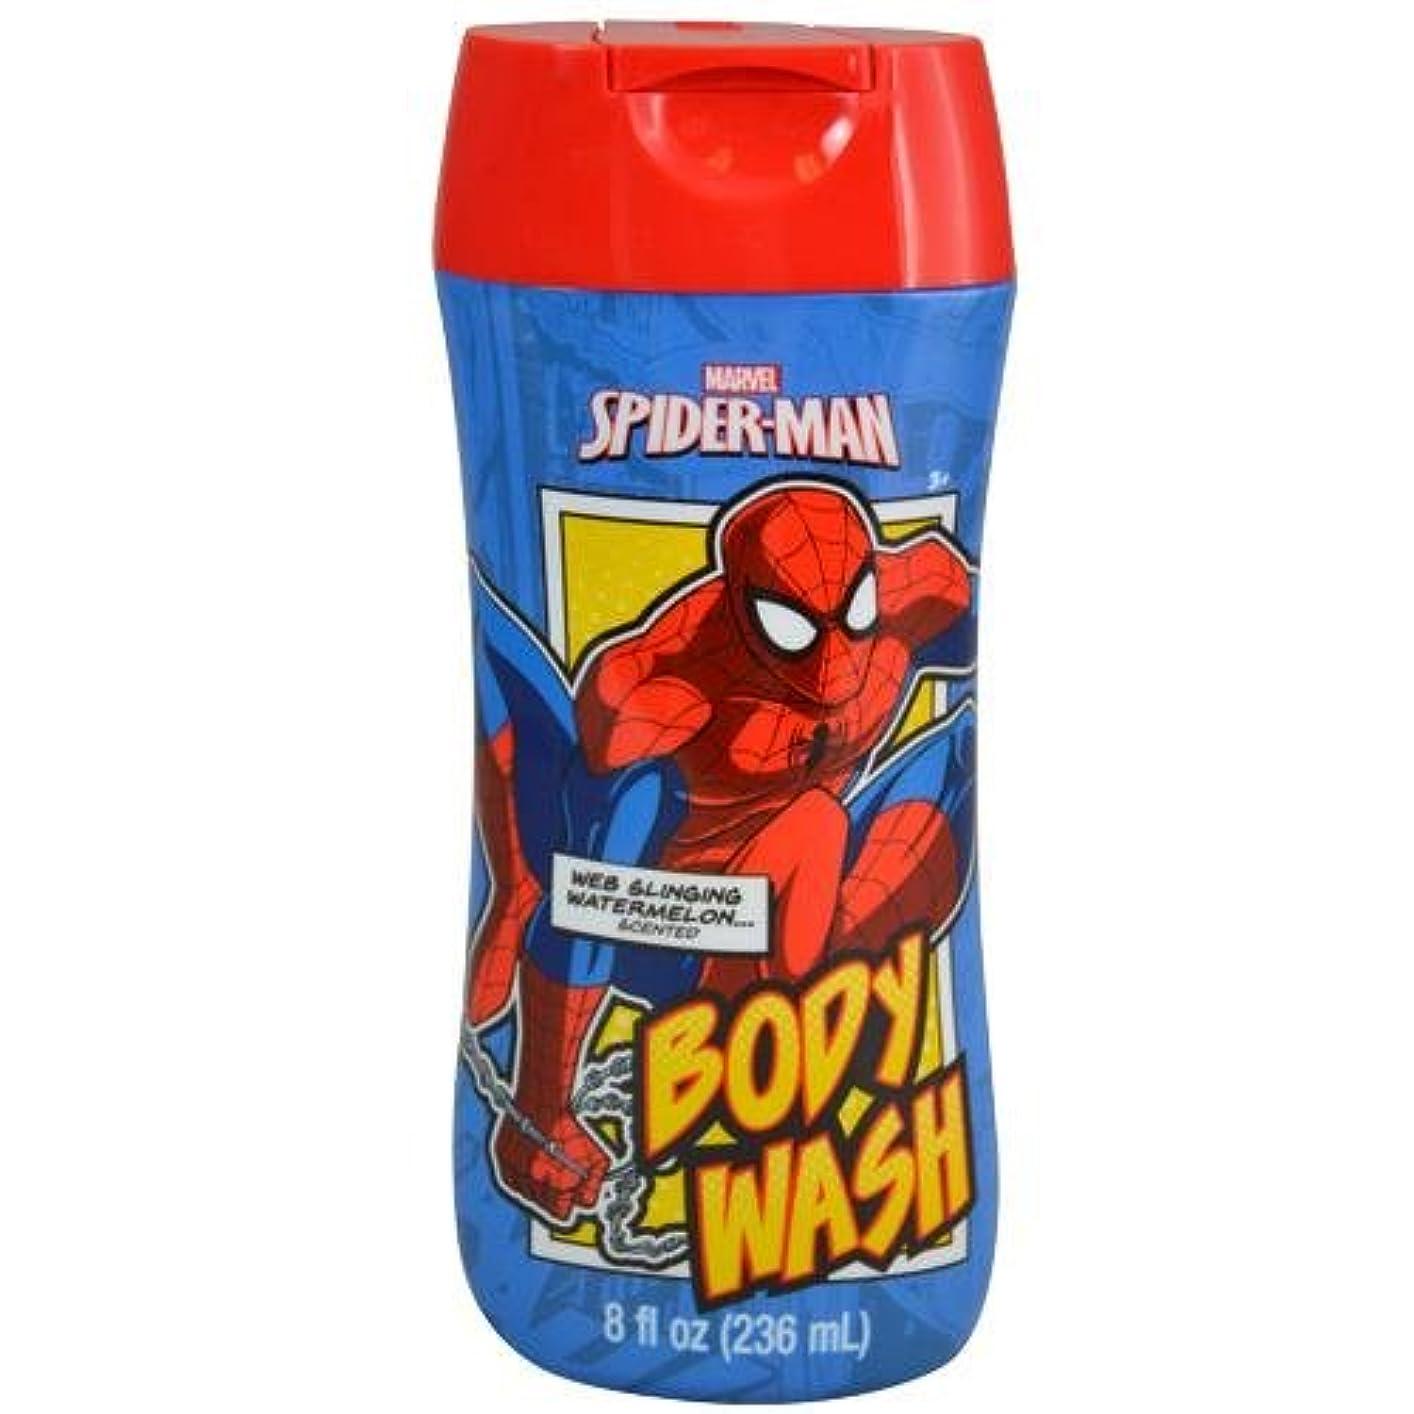 満州彼女の異なるスパイダーマン SPIDER-MAN ボディーソープ 12185 MARVEL お風呂 ボディ ソープ 子供用 キッズ ボディソープ MARVEL ボディウォッシュ マーベル ボディーウォッシュ【即日?翌日発送】